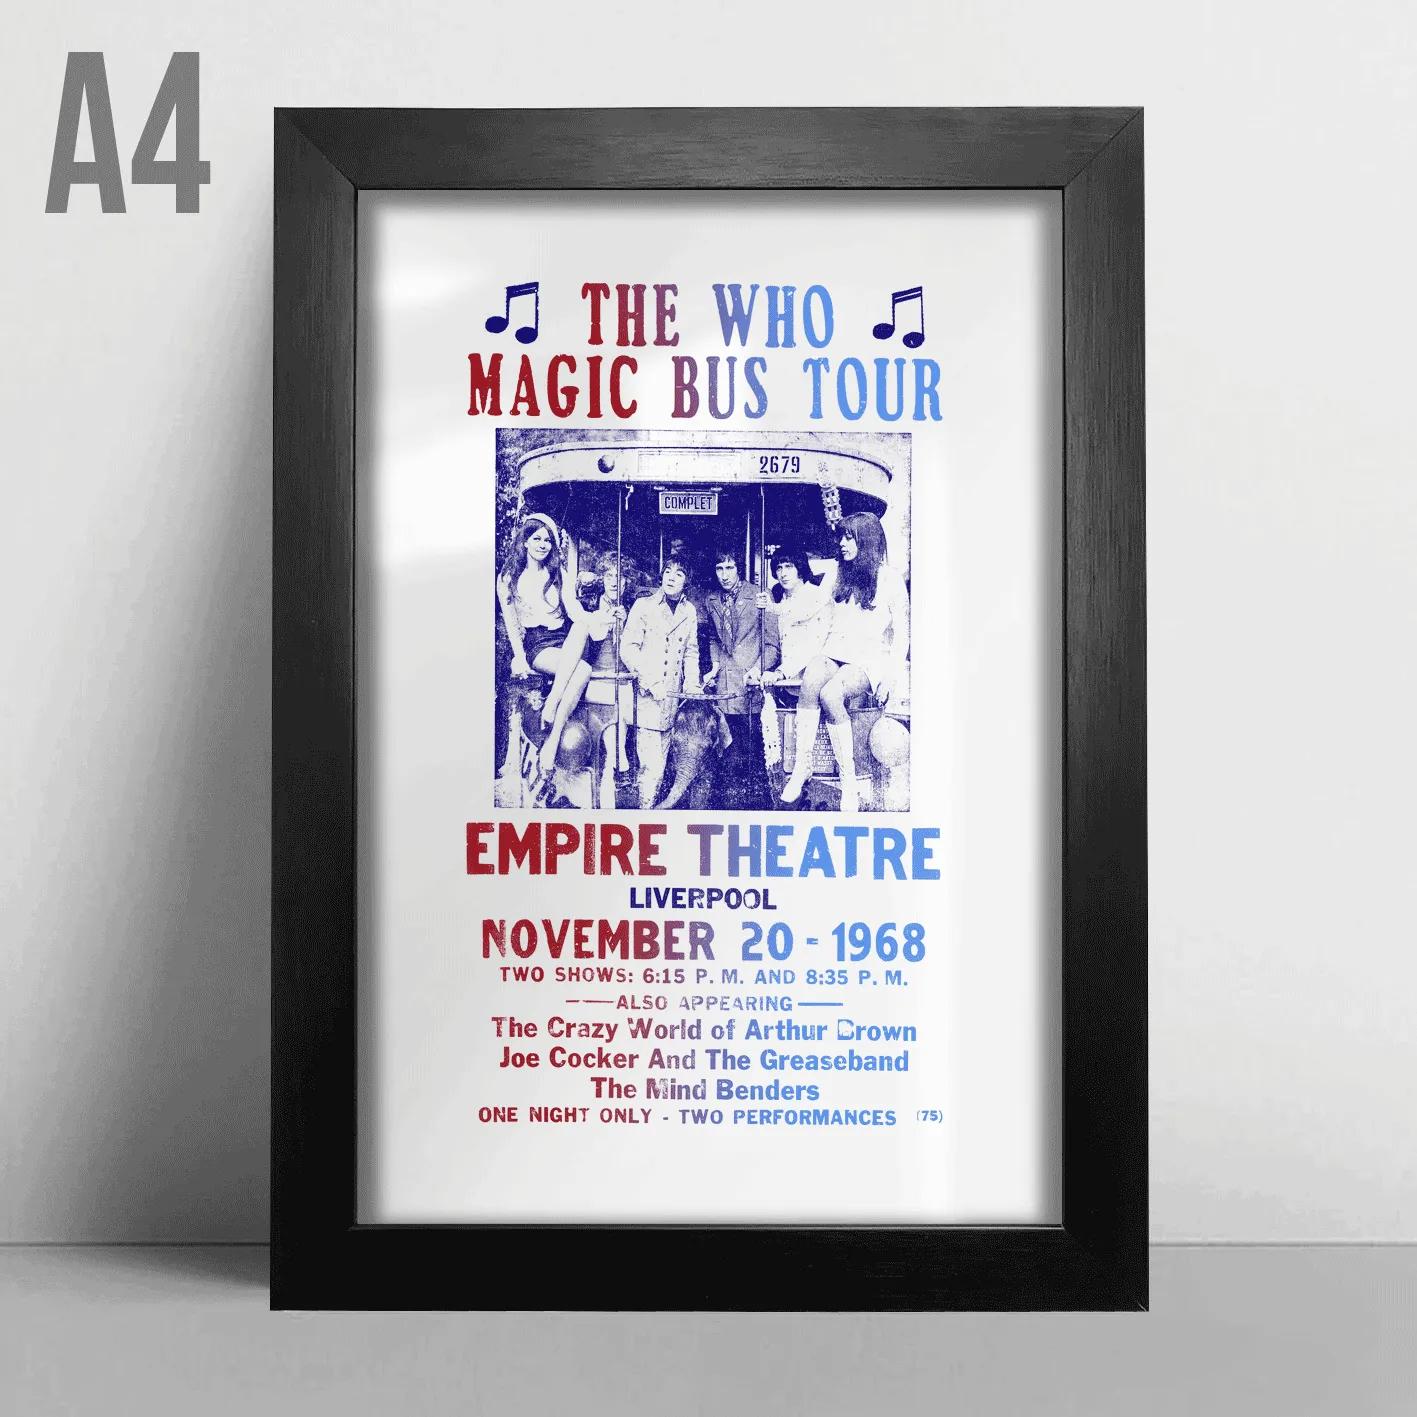 Quadro A4 - The Who